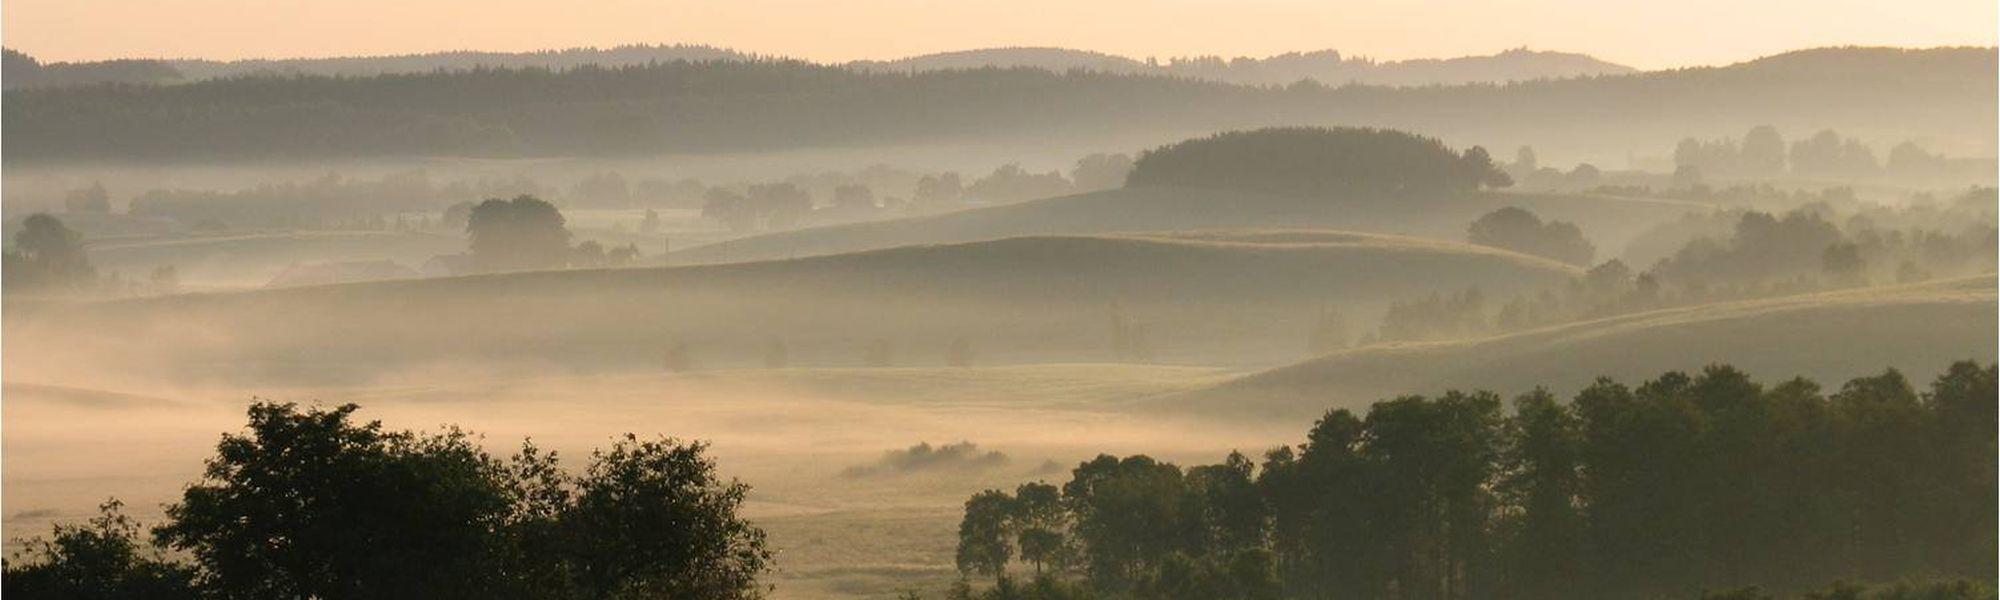 Poranek w Suwalskim Parku Krajobrazowym